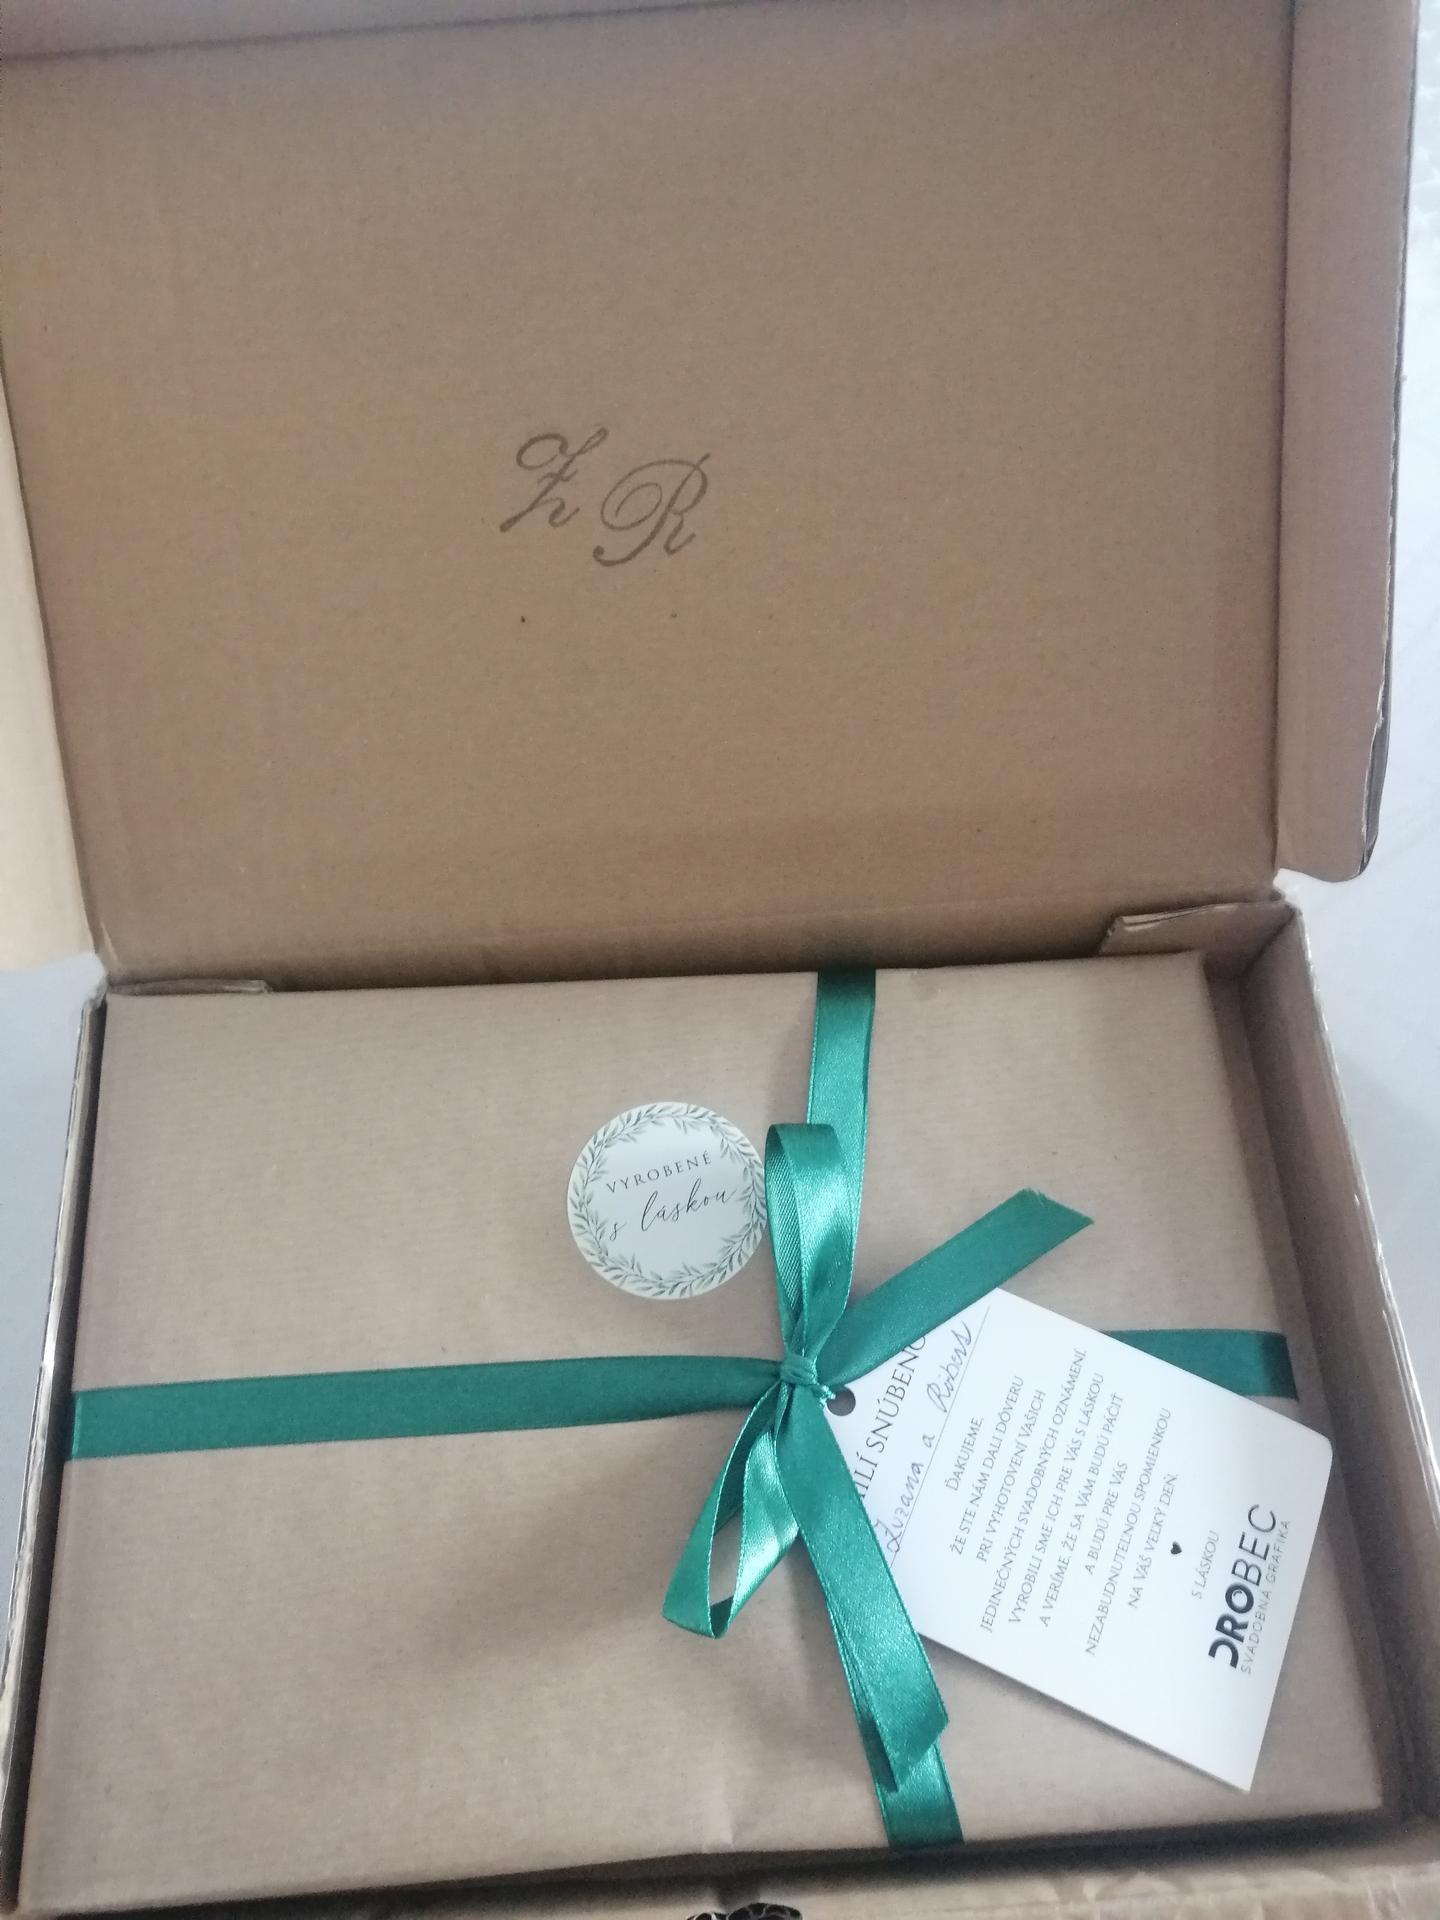 Náš veľký deň D 👰🤵❤️príprava - Prišla stuhou previazaná škatuľka 😍 top prístup a rýchlosť 💯👍😉 FB Drobec svadobná grafika 🙏